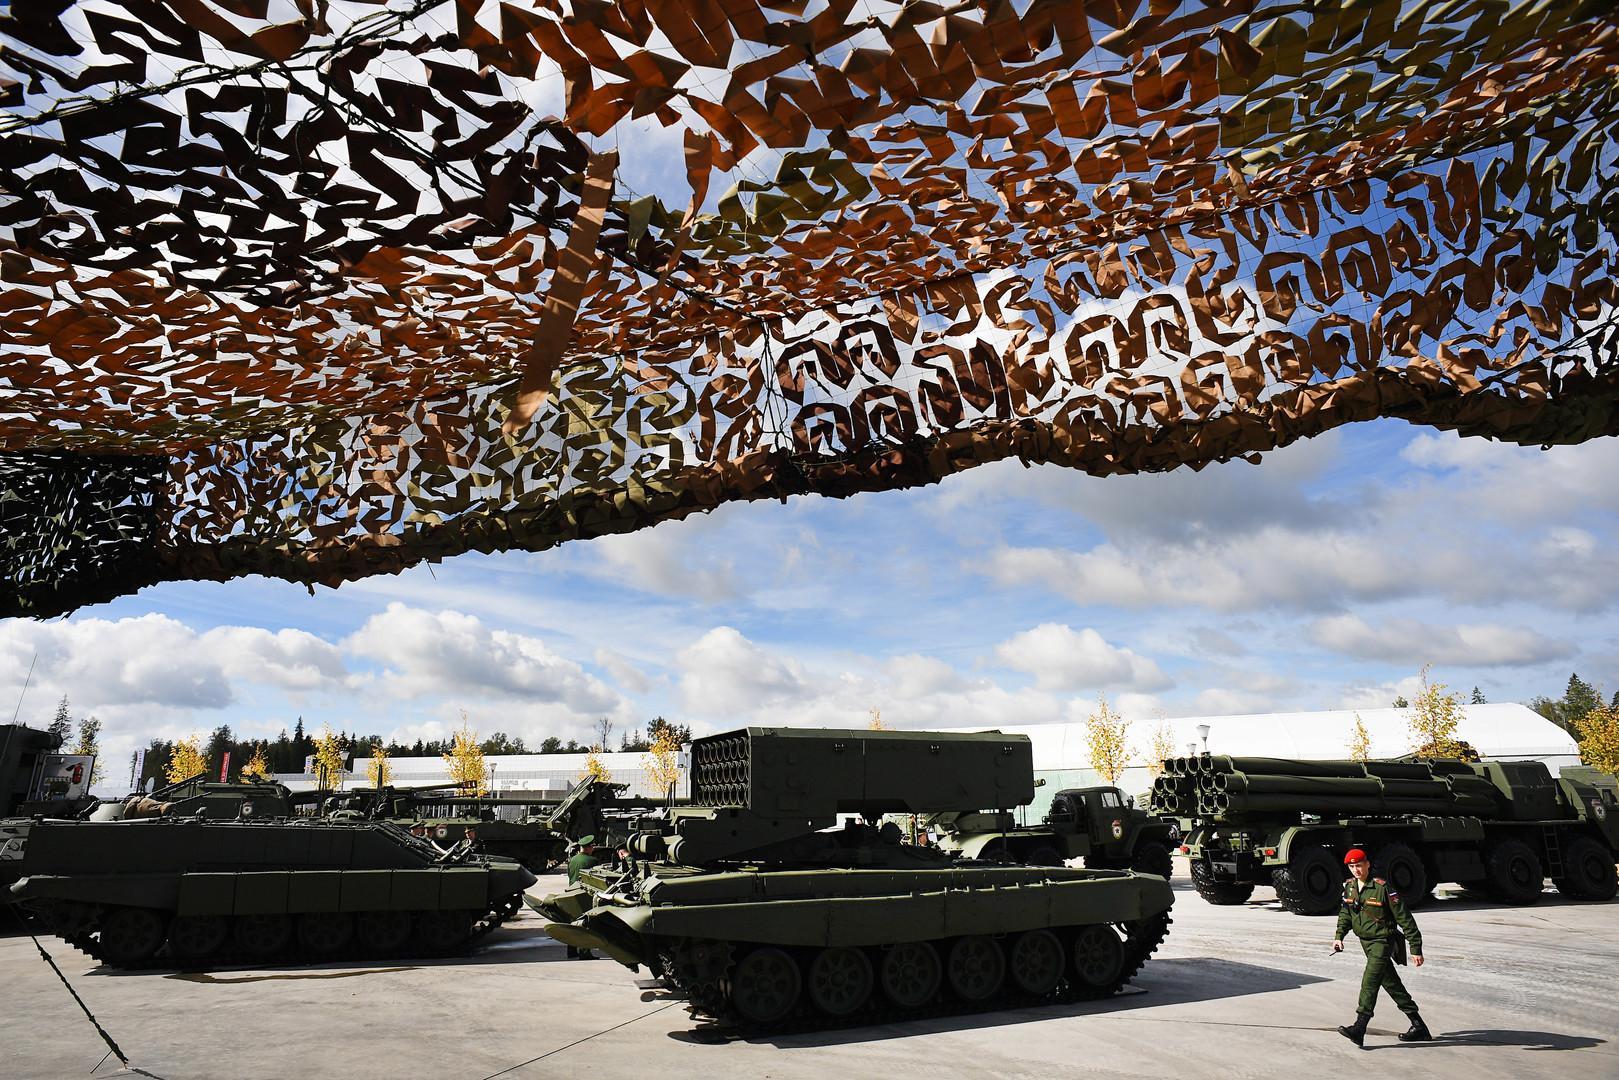 Тяжелая огнемётная система ТОС-1А представлена в открытой экспозиции на Международном военно-техническом форуме «Армия-2016» в конгрессно-выставочном центре подмосковного Военно-патриотического парка культуры и отдыха Вооруженных сил РФ «Патриот».